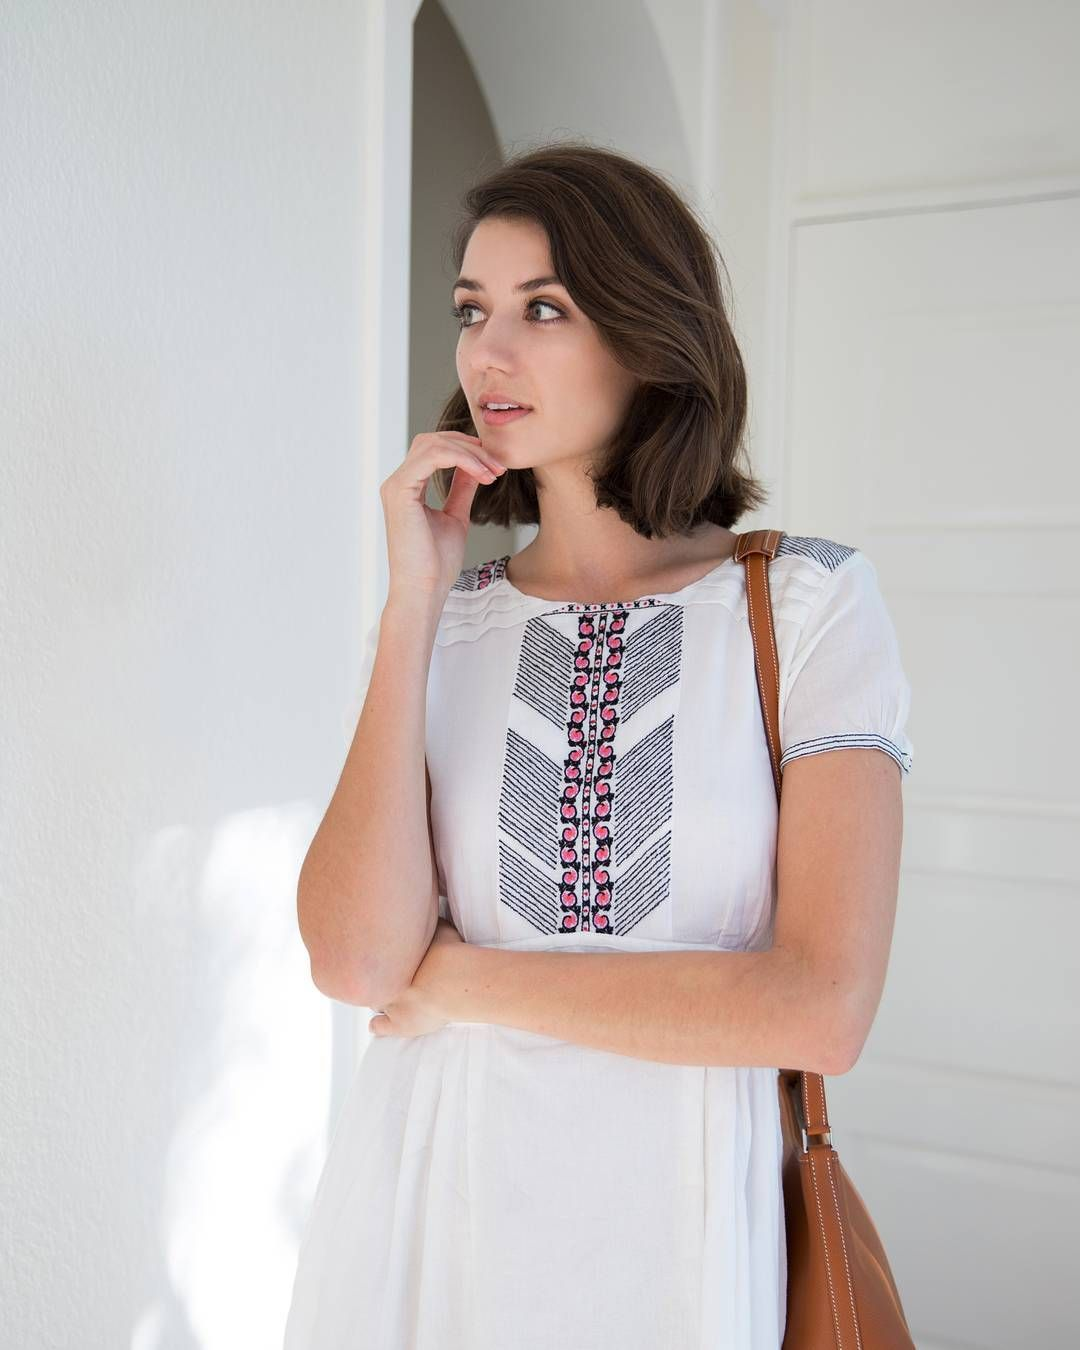 D A R E T O D A Y D R E A M @neelashearer@ashleighwesseling . . . . #pin #fashion #recycledfashion #ootd #paulandjoe #hermes #cotton #brandnew #sydneystyle #melbournestyle #sydneyfashion #melbournefashion #onlineshopping #white #colourful #daydream #stylelastsforever #australianfashion #shoppingaddict #mindfulstyle #ethicalfashion #designerfashion #dress #ecostyle #lovethisoutfit #lovetoshop #pattern